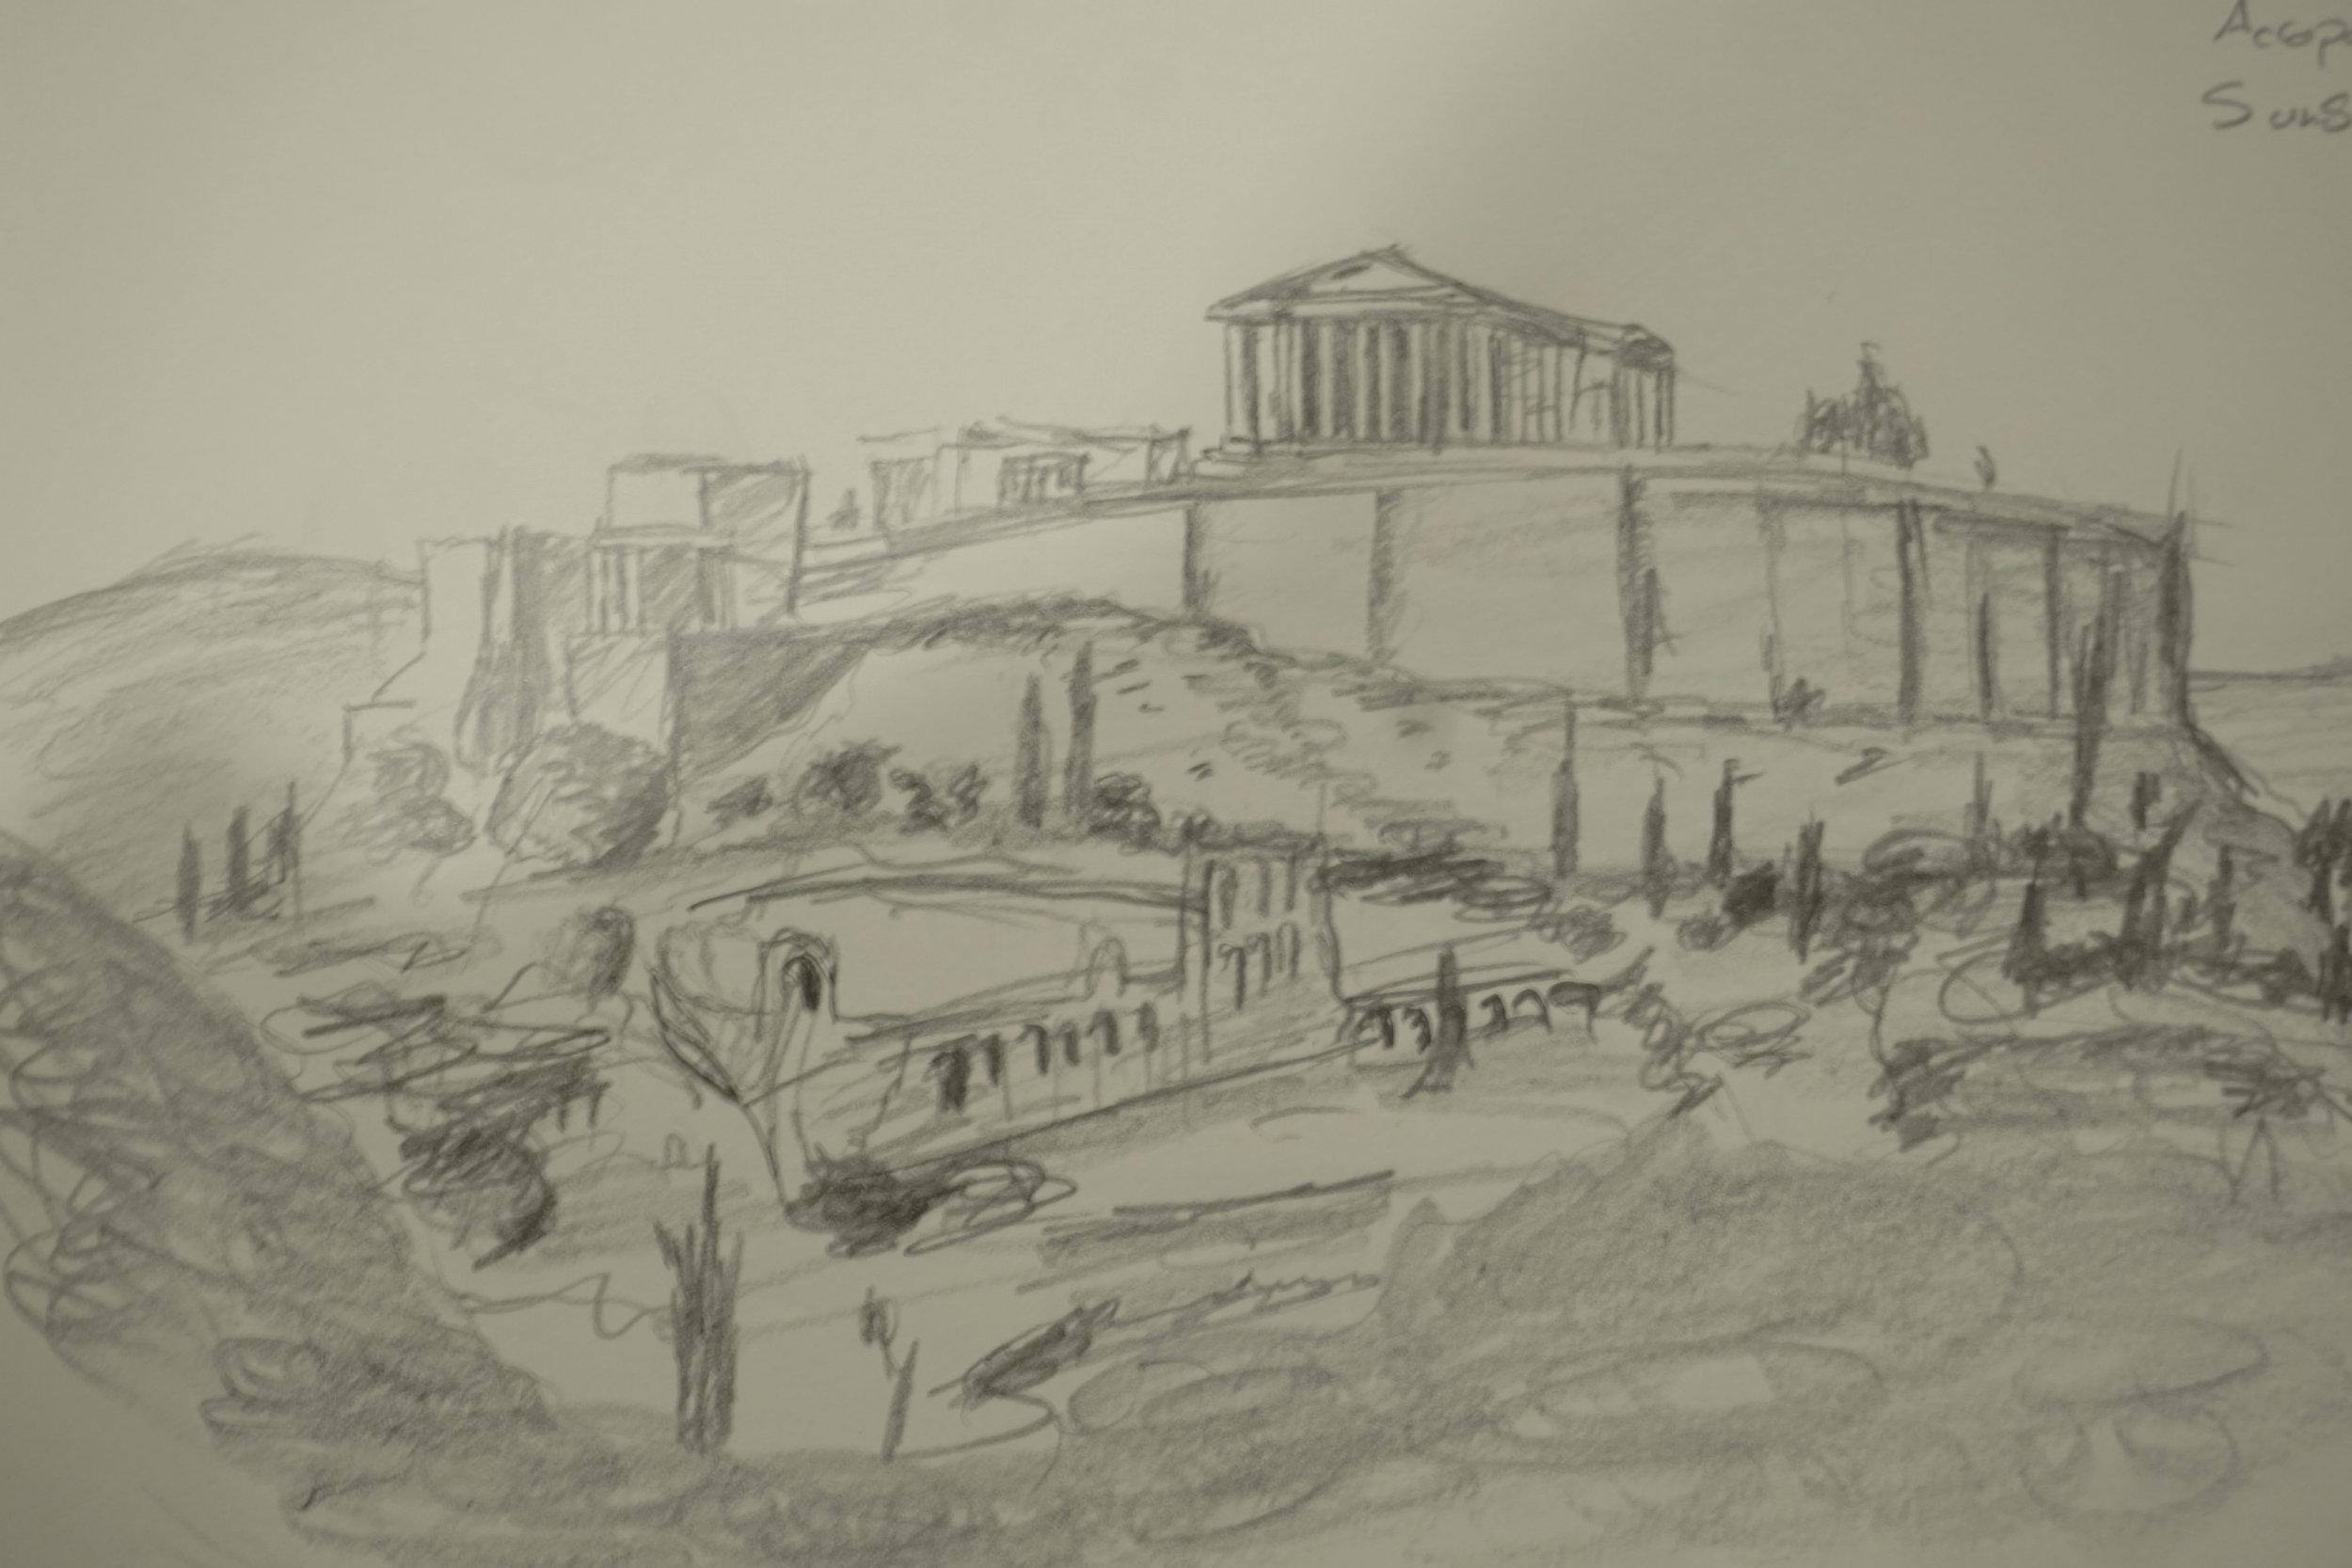 The acropolis of Athens, Greece © 2016 David Harrop